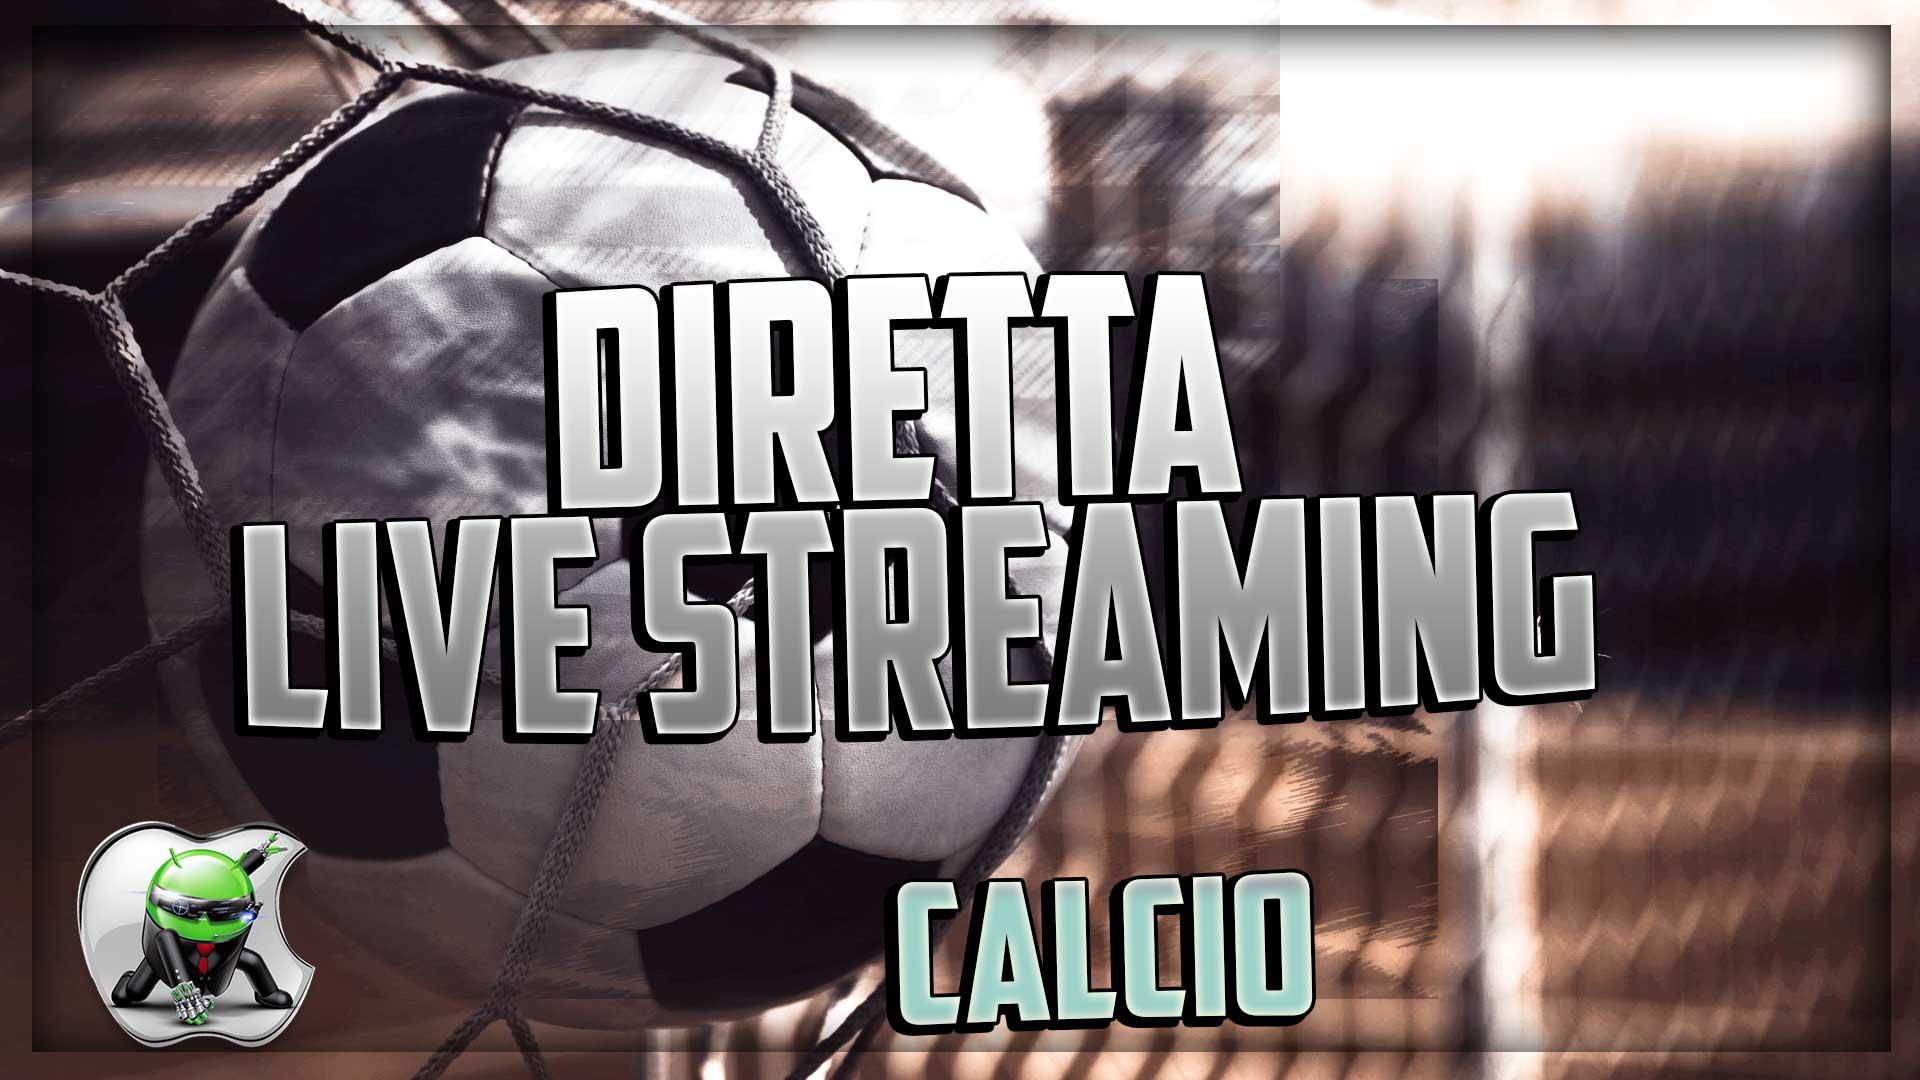 Diretta Streaming Calcio Ziojack Org